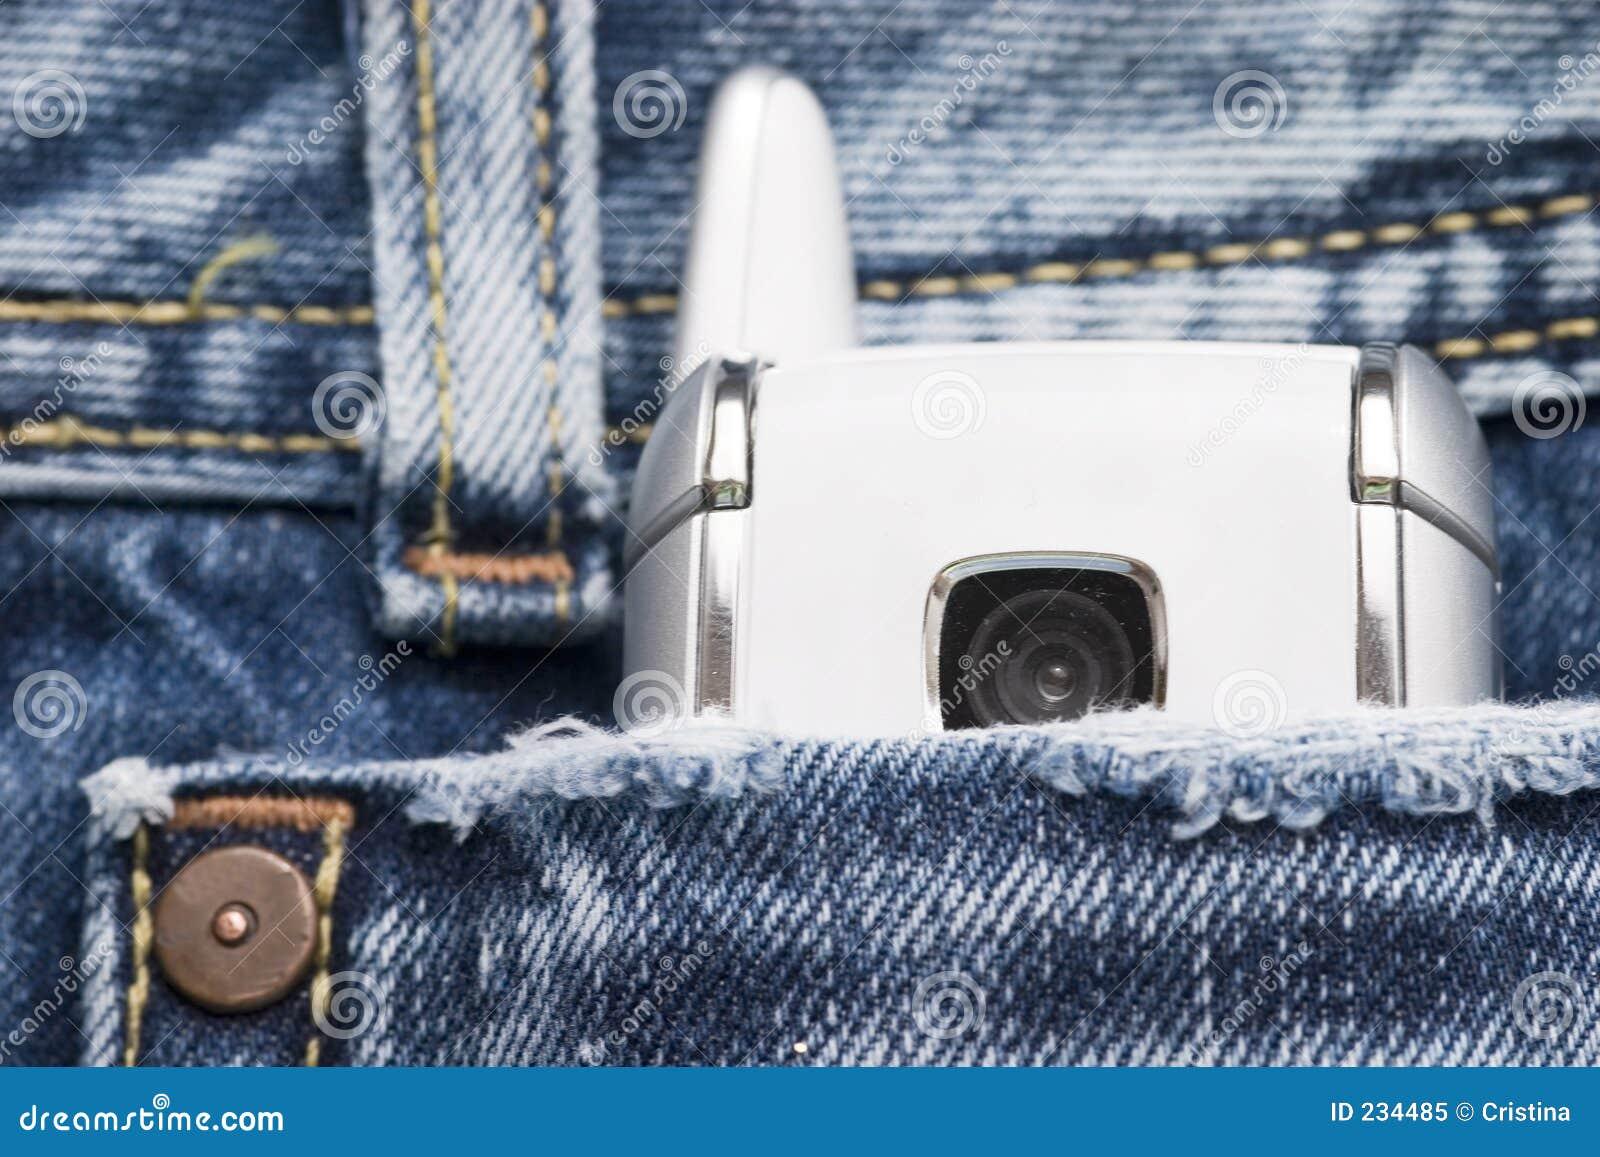 Teléfono en el bolsillo